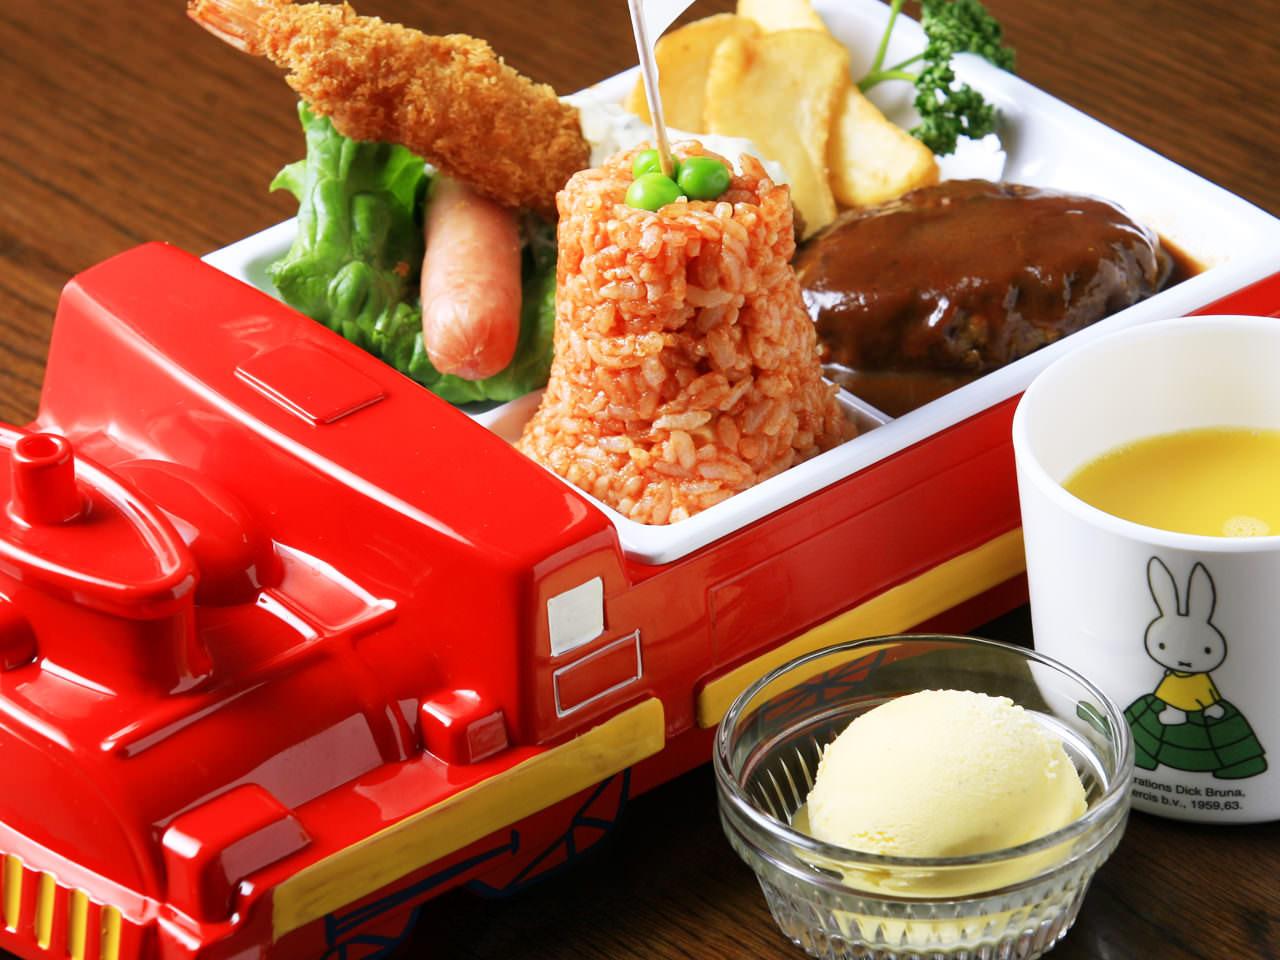 東京に夢をもってやってくるひとなんているの? [無断転載禁止]©2ch.netYouTube動画>12本 ->画像>14枚